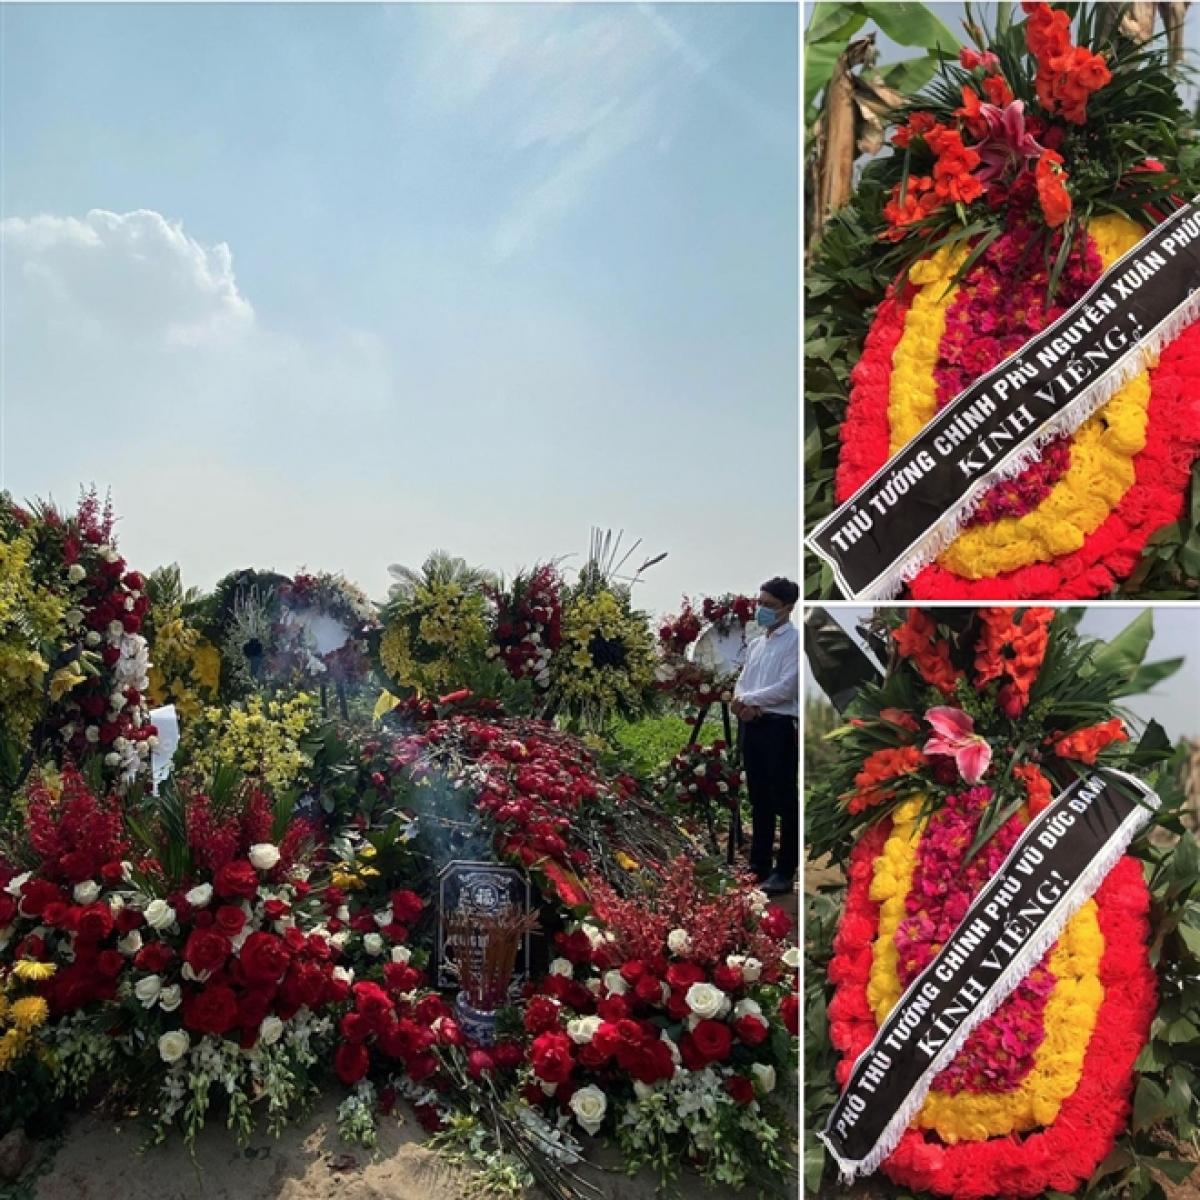 Phần mộ đầy hoa của NSND Hoàng Dũng, trong đó có 2 vòng hoa của Thủ tướng Nguyễn Xuân Phúc và Phó Thủ tướng Vũ Đức Đam.